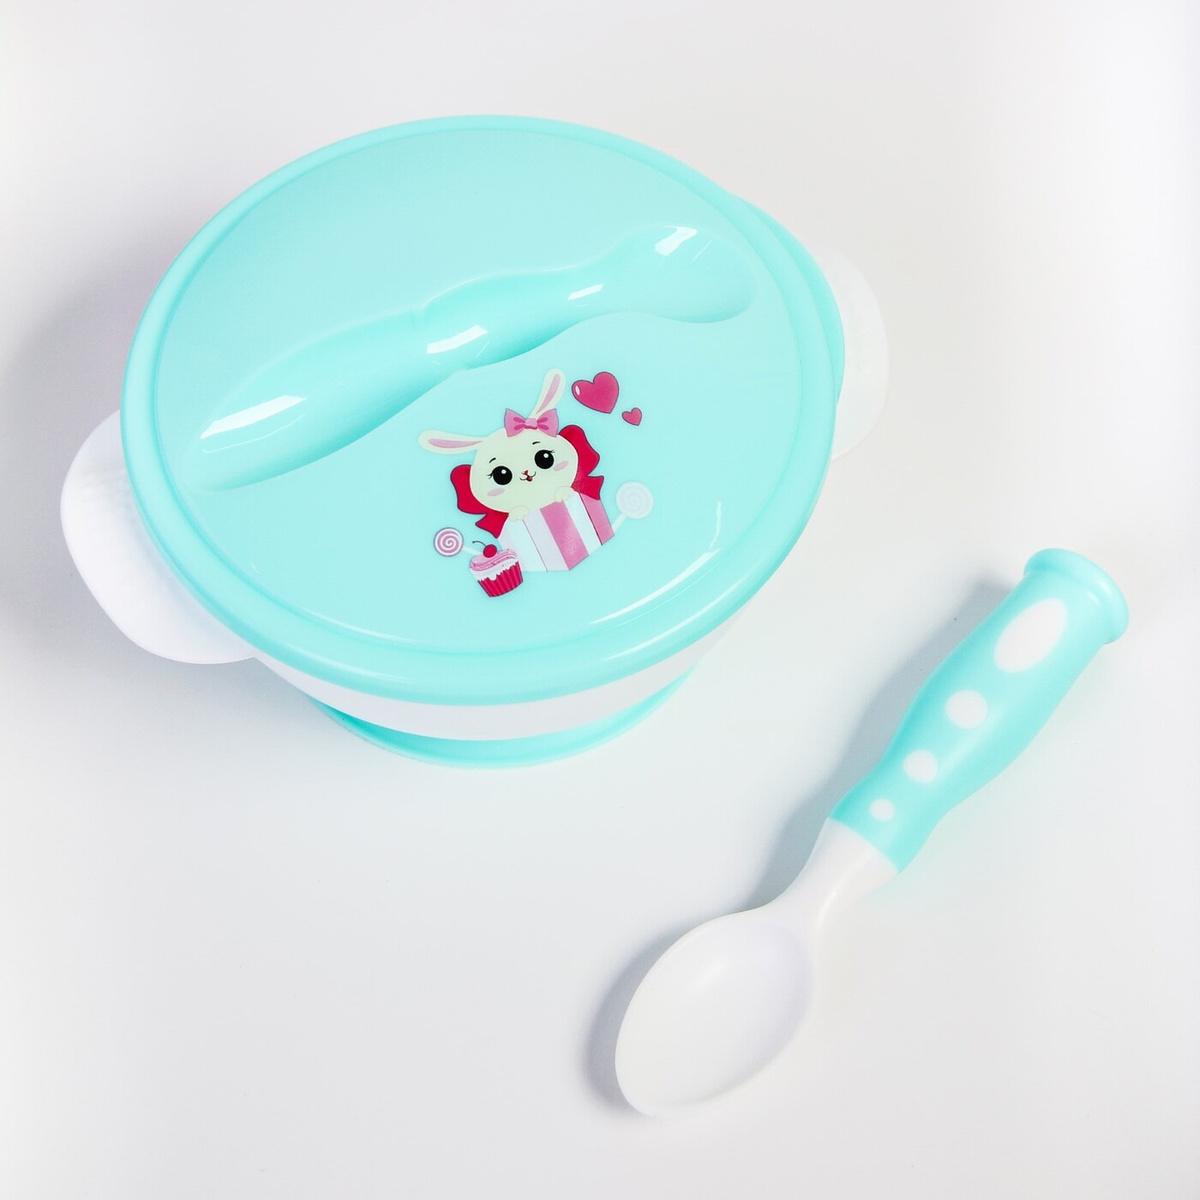 """Набор детской посуды """"Зайчик"""", 3 предмета, цвет бирюзовый  #1"""